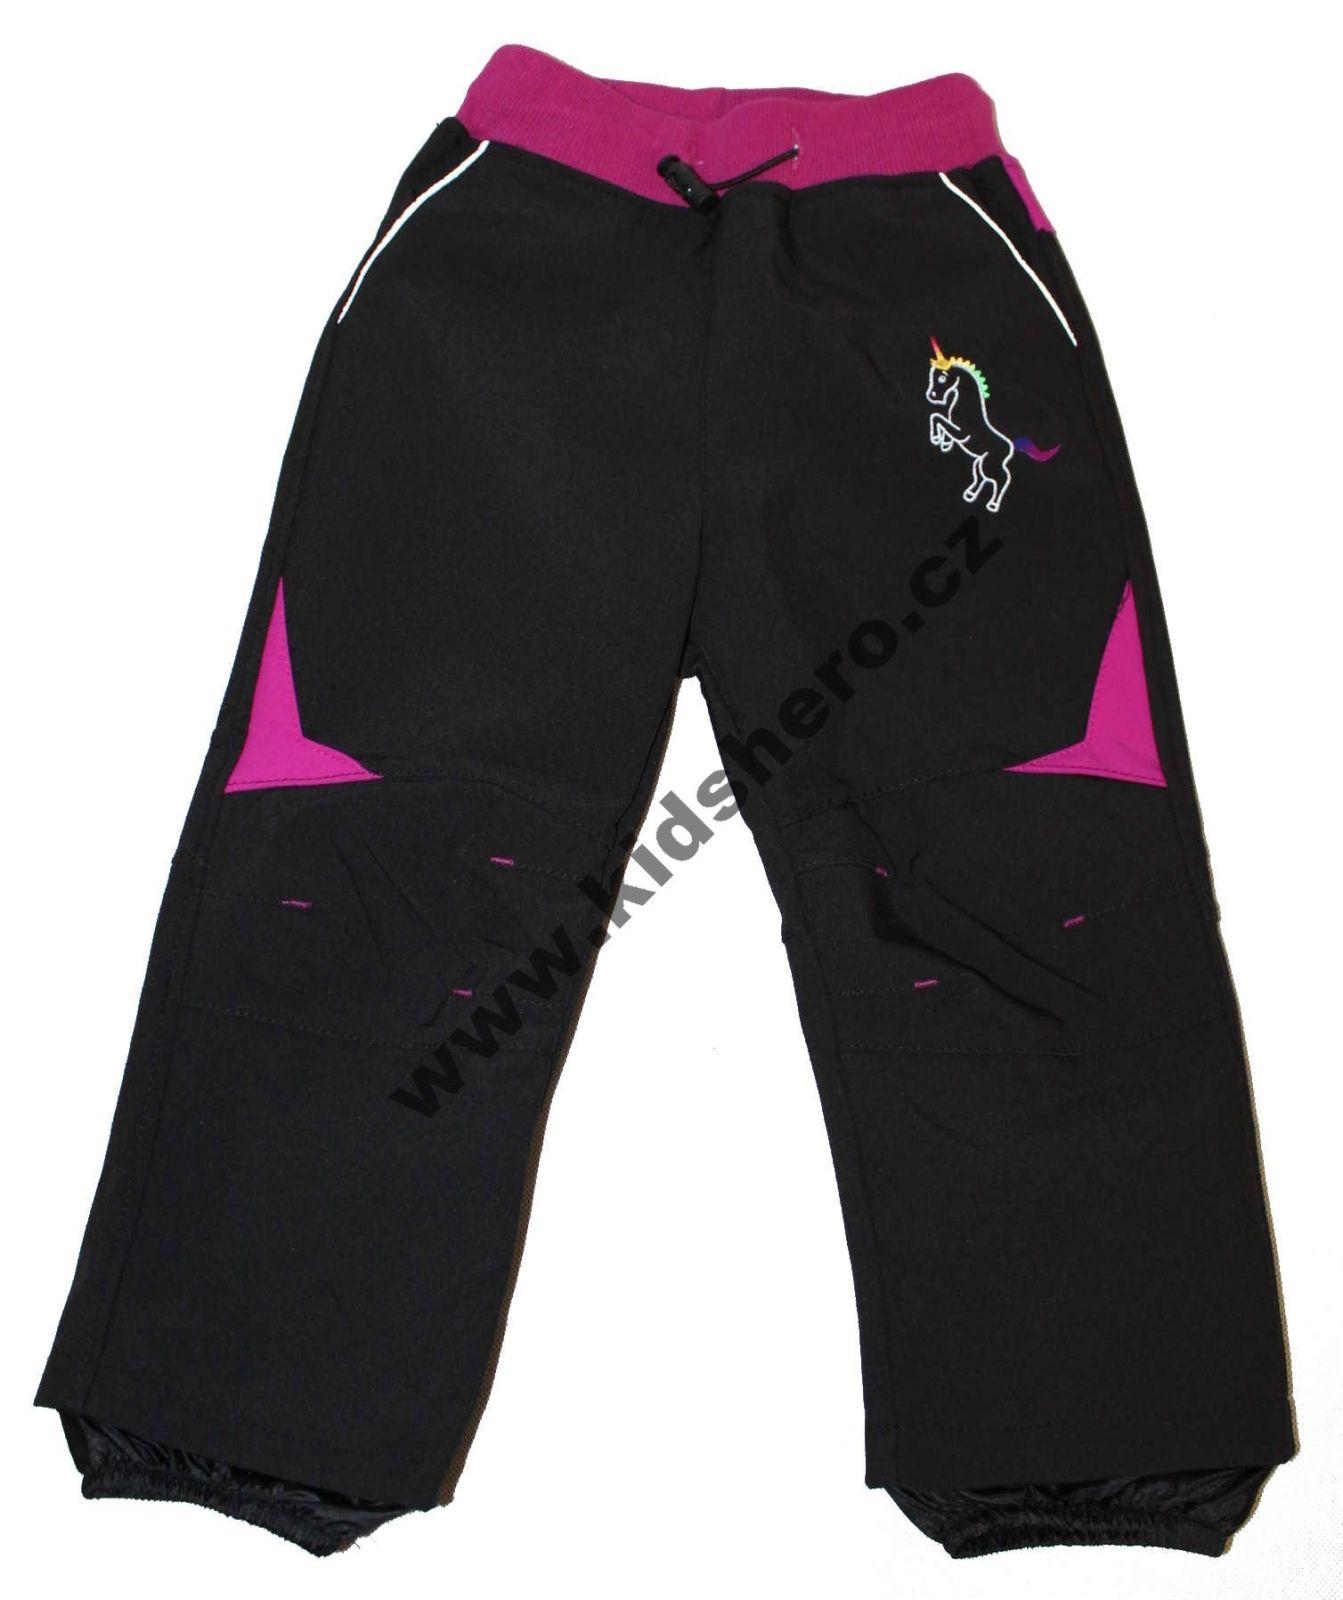 Dětské softshellové kalhoty KUGO, jarní kalhoty, podzimní kalhoty, jarní kalhoty